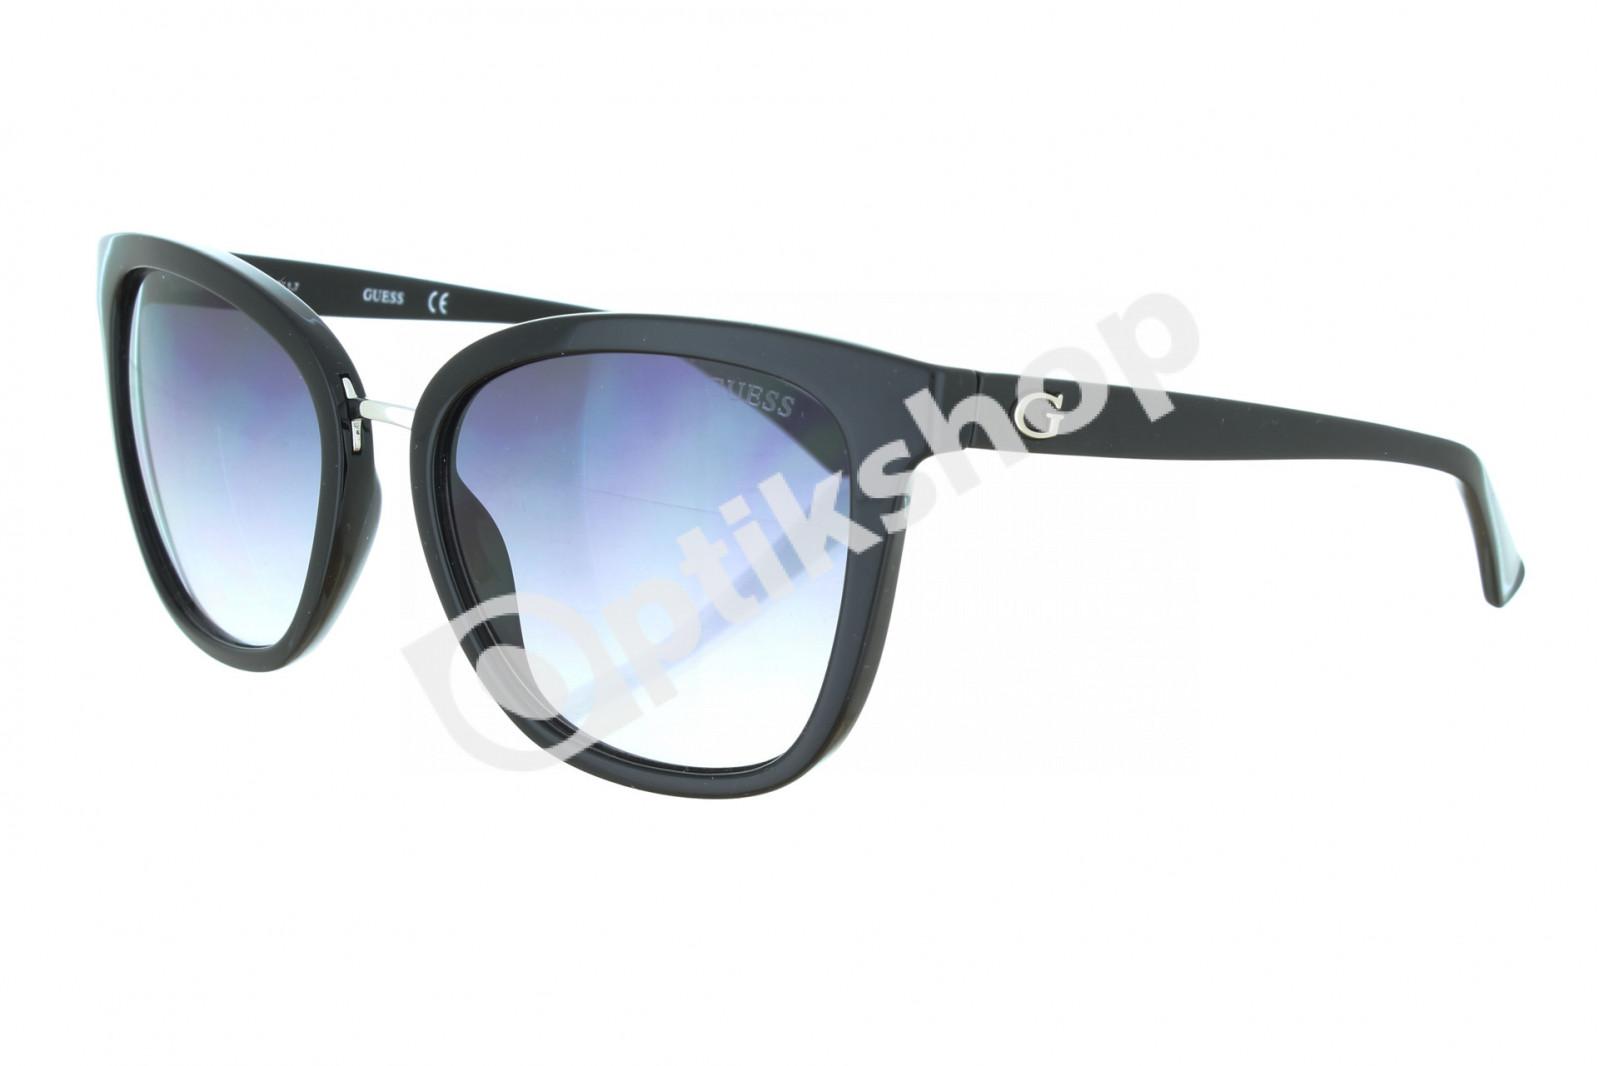 Guess - GF6005 01B 55-19 140 2 napszemüvegek f0a9a6b5f6